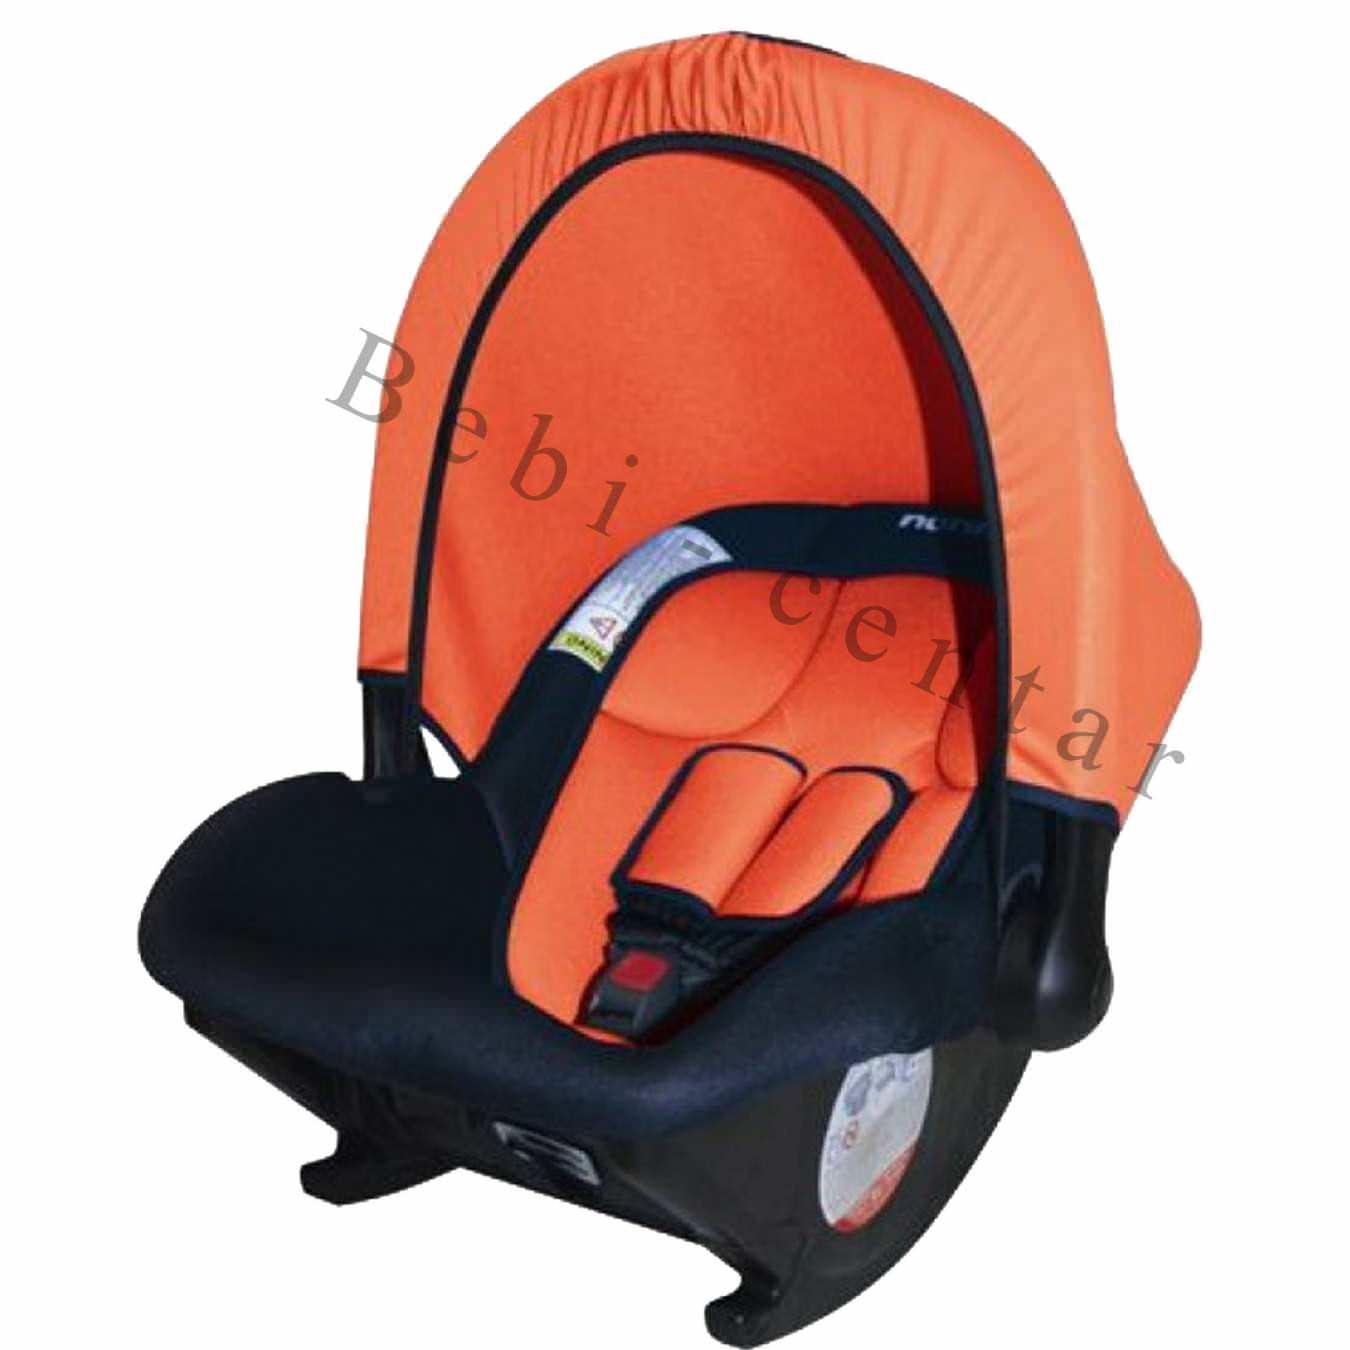 Auto sedište i nosiljka za bebe Baby Ride NOVO*